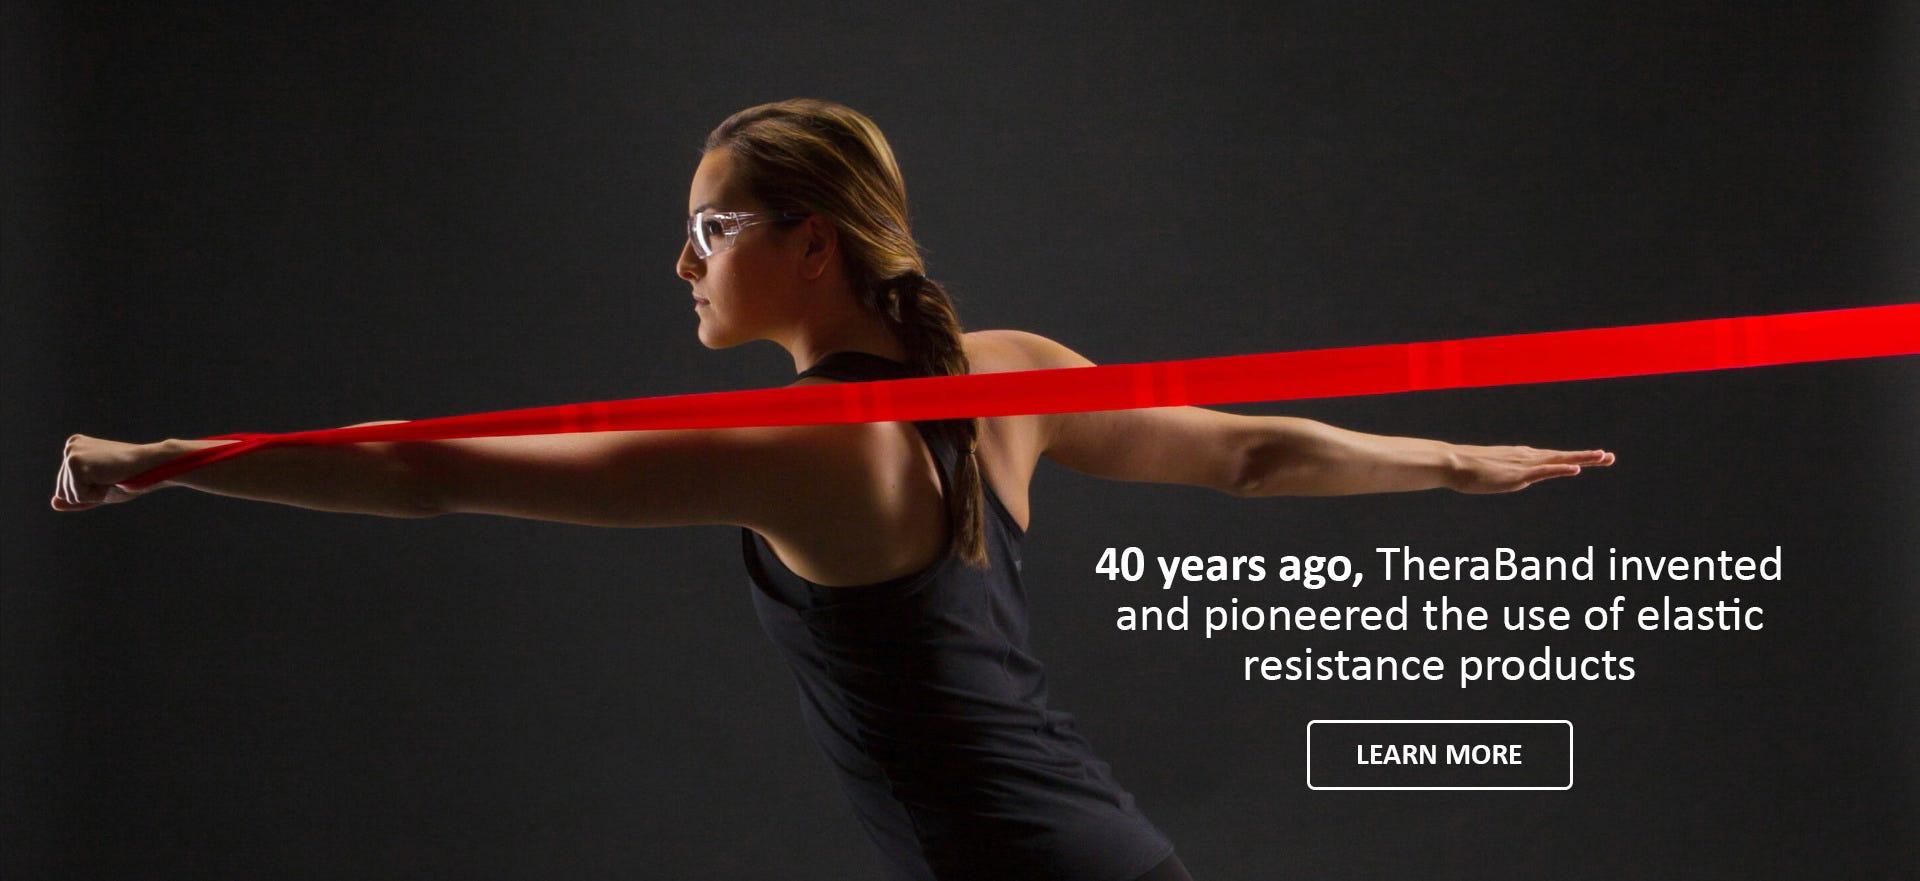 TheraBand 40 Years